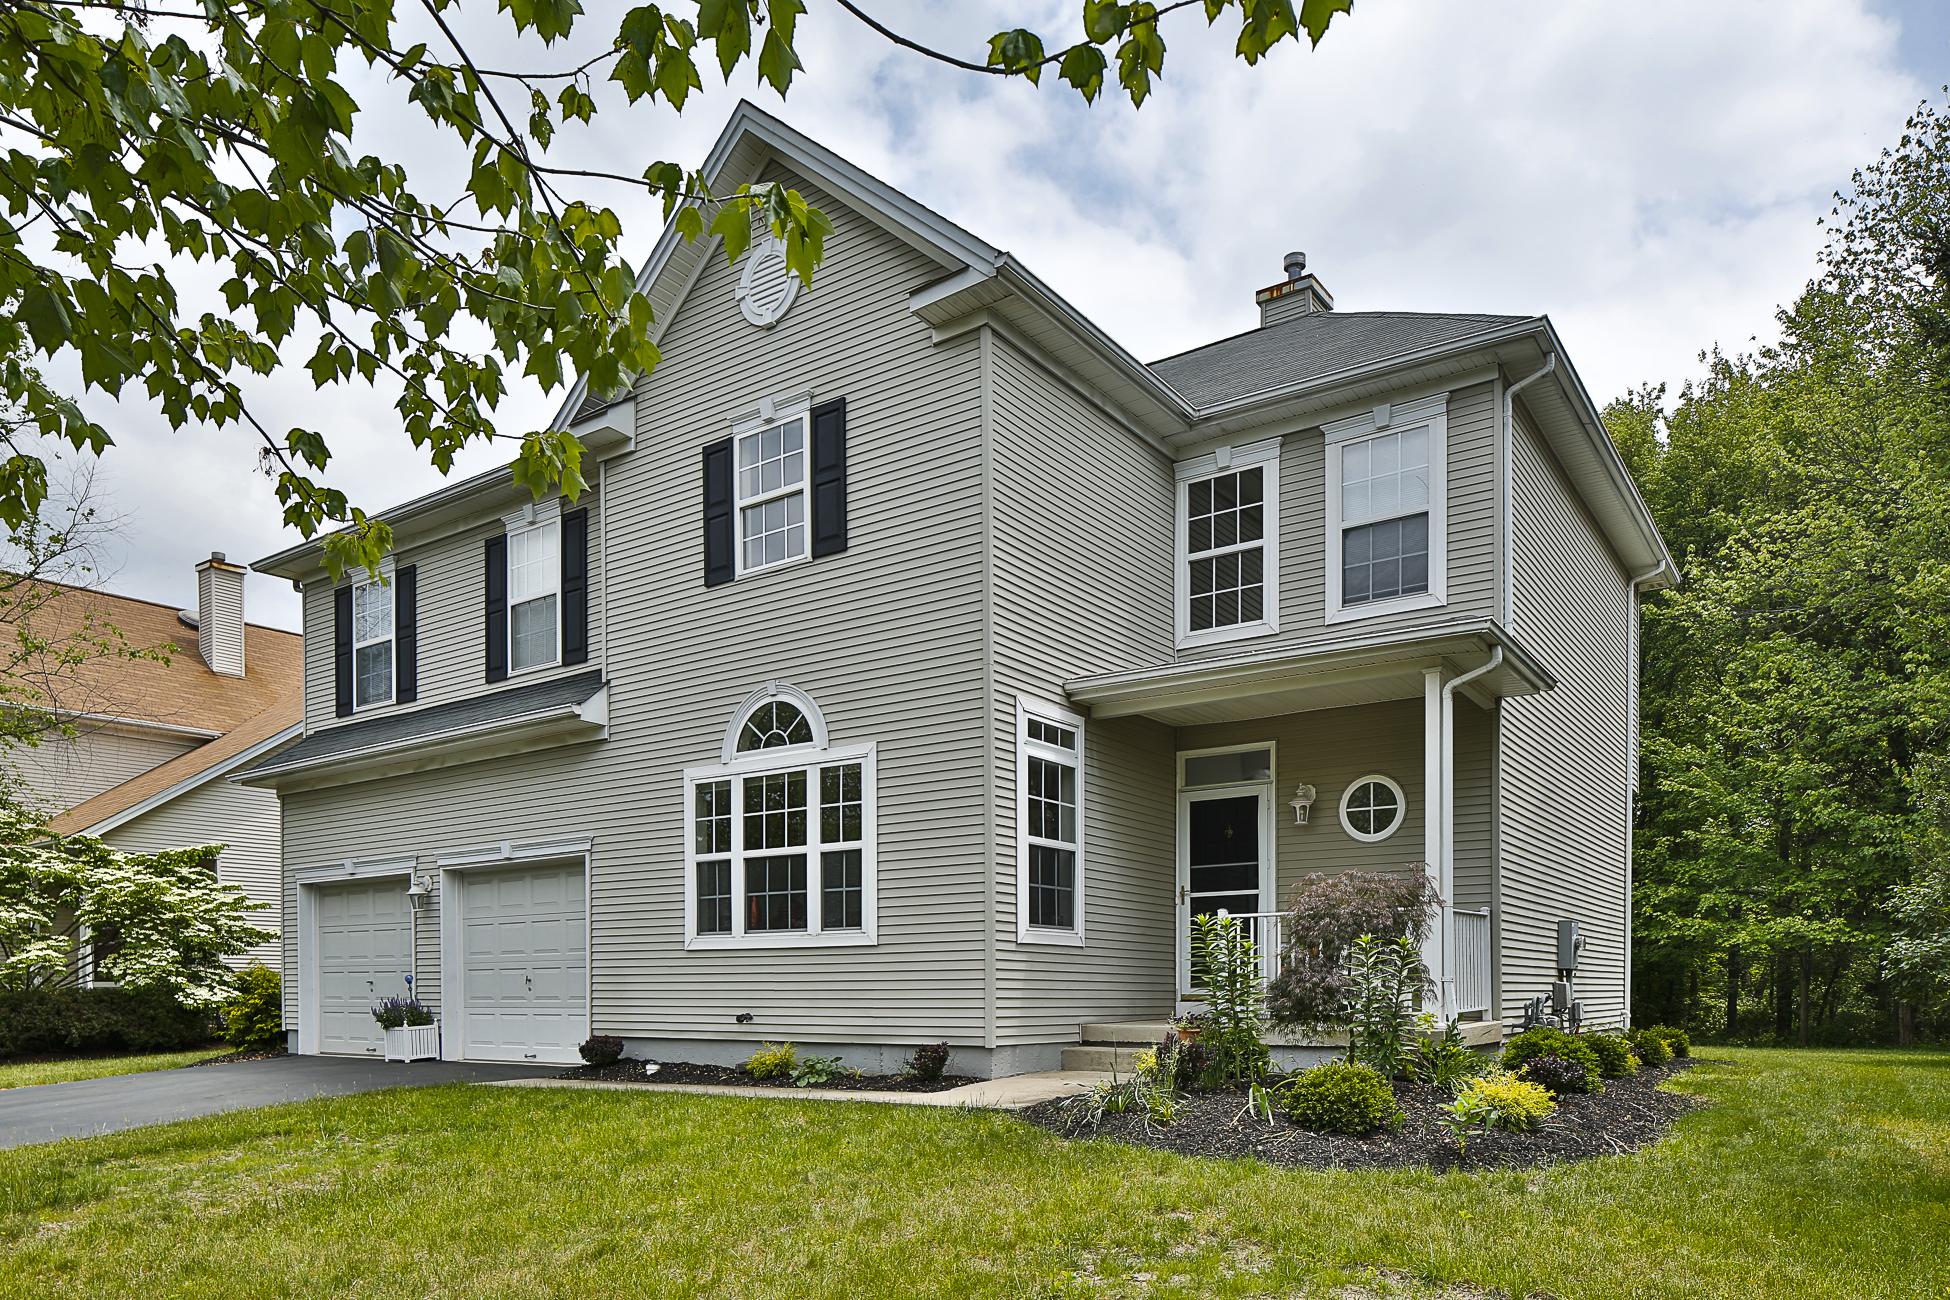 Maison unifamiliale pour l Vente à Montgomery Township's Yorkshire Woods 29 York Drive Princeton, New Jersey 08540 États-Unis